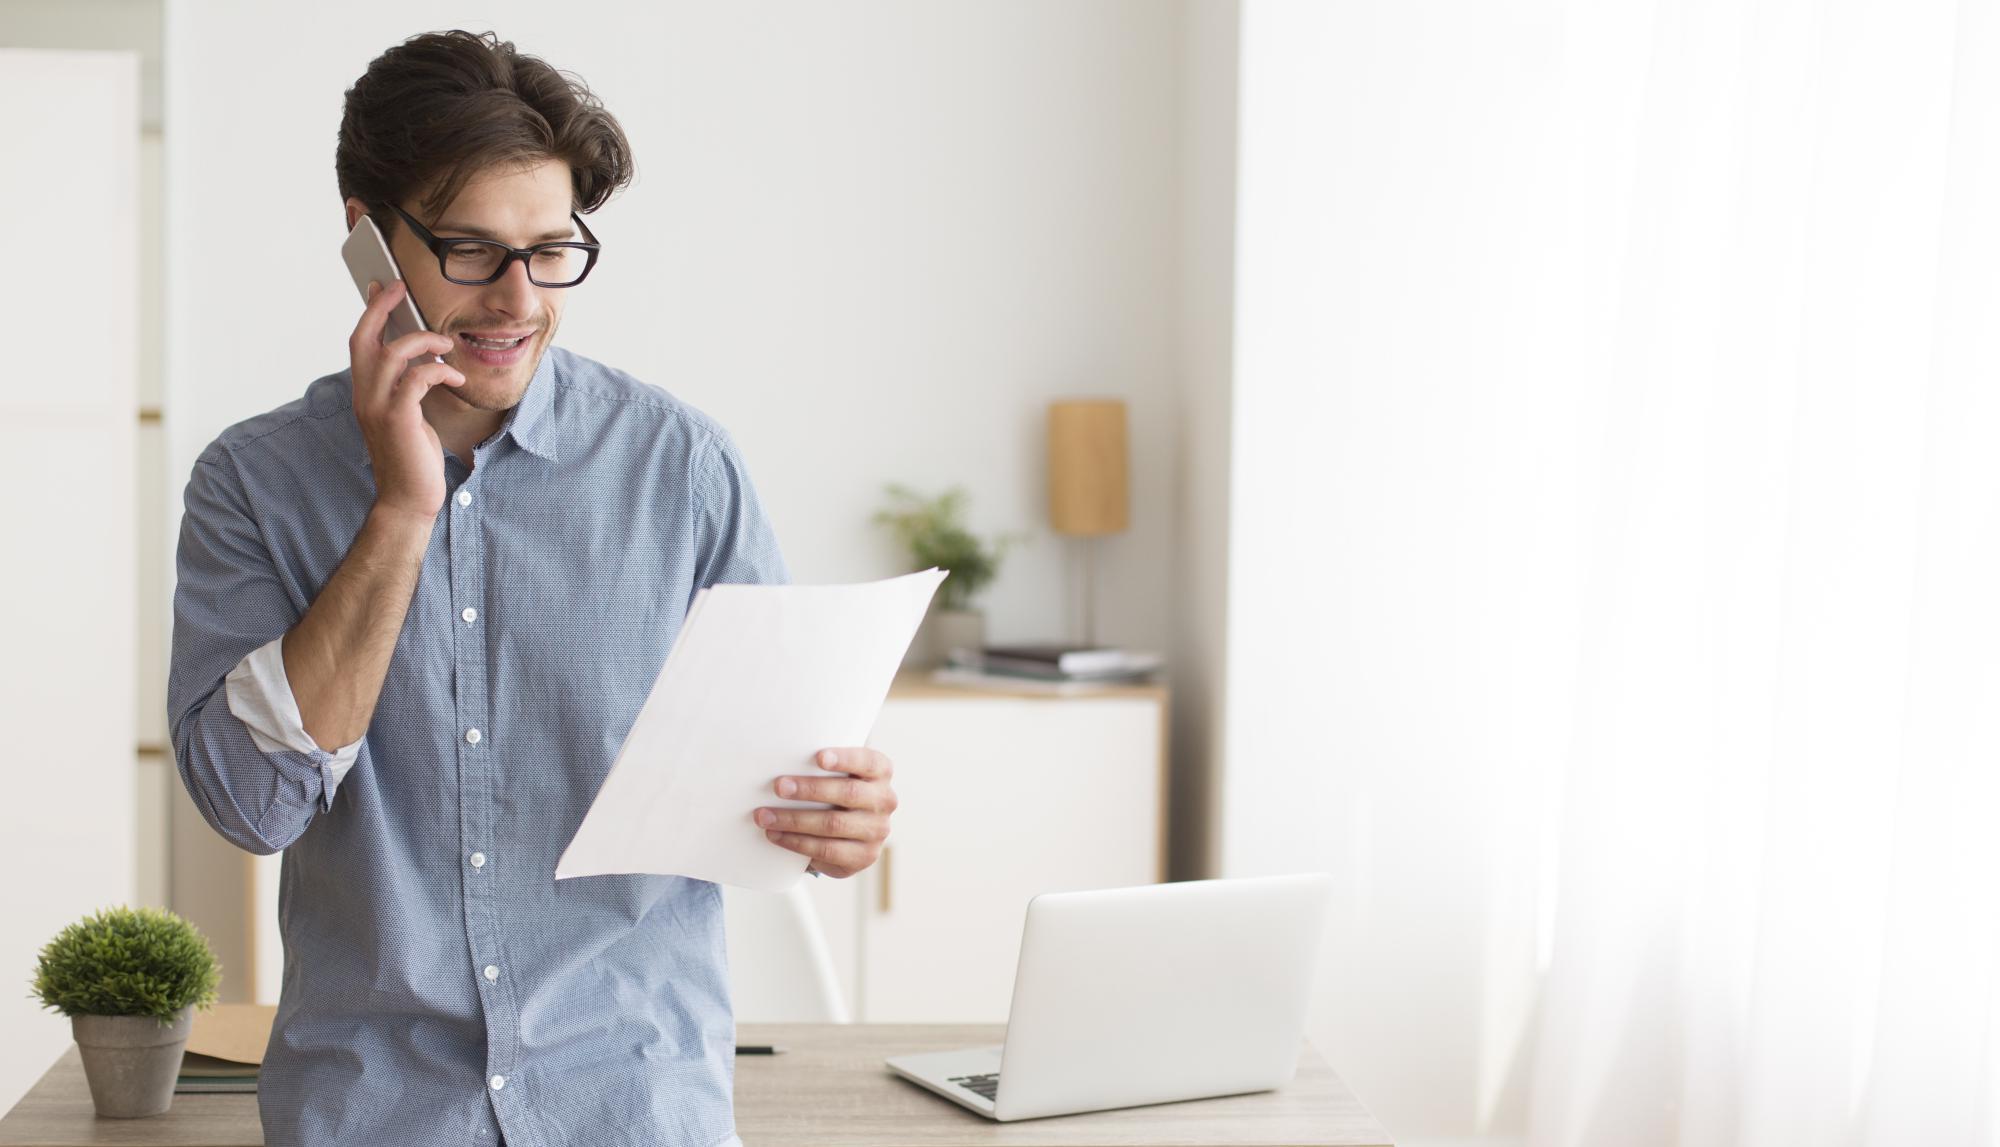 ФНС разъяснила, как согласовать представление единой декларации по налогу на имущество